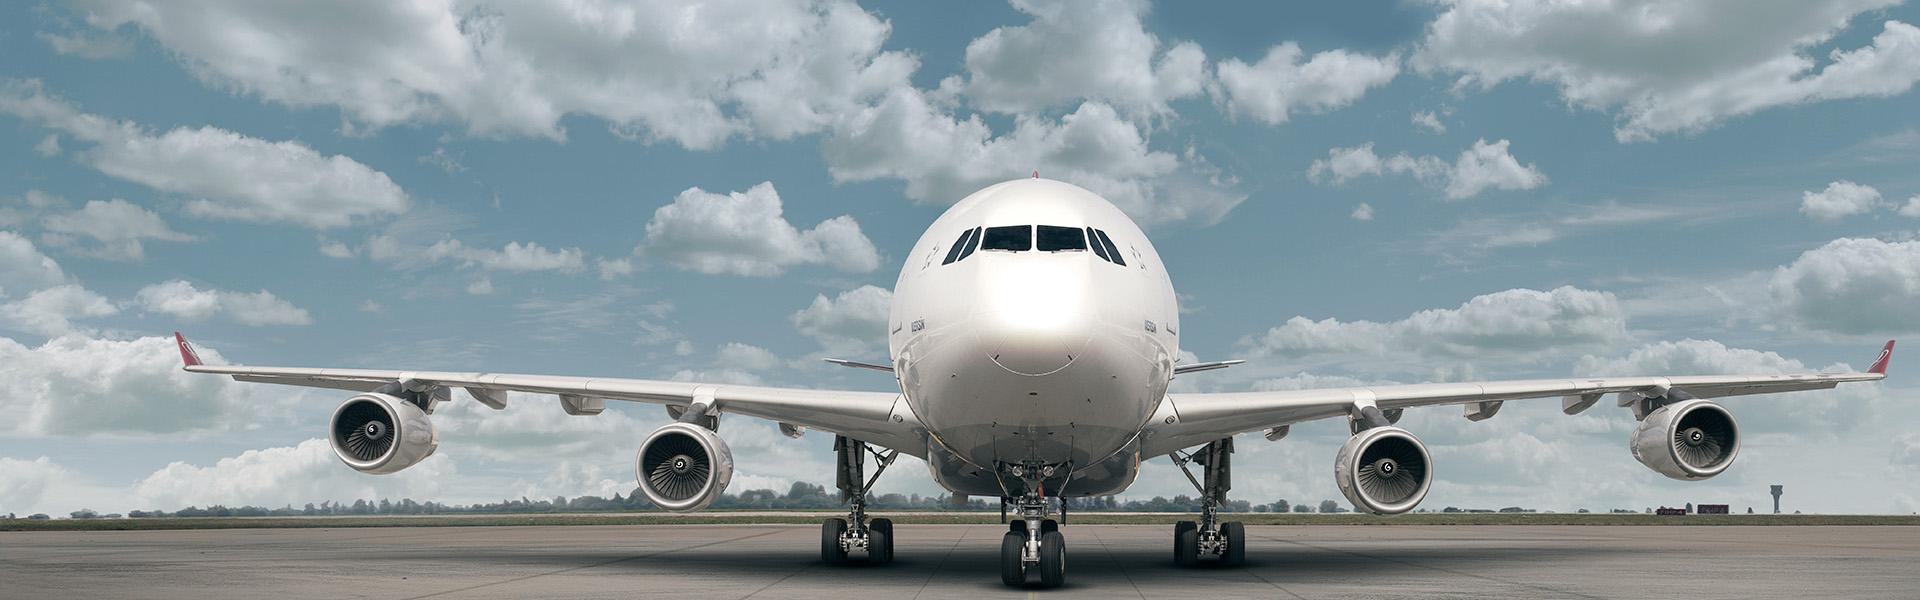 IATA CARGO AGENT